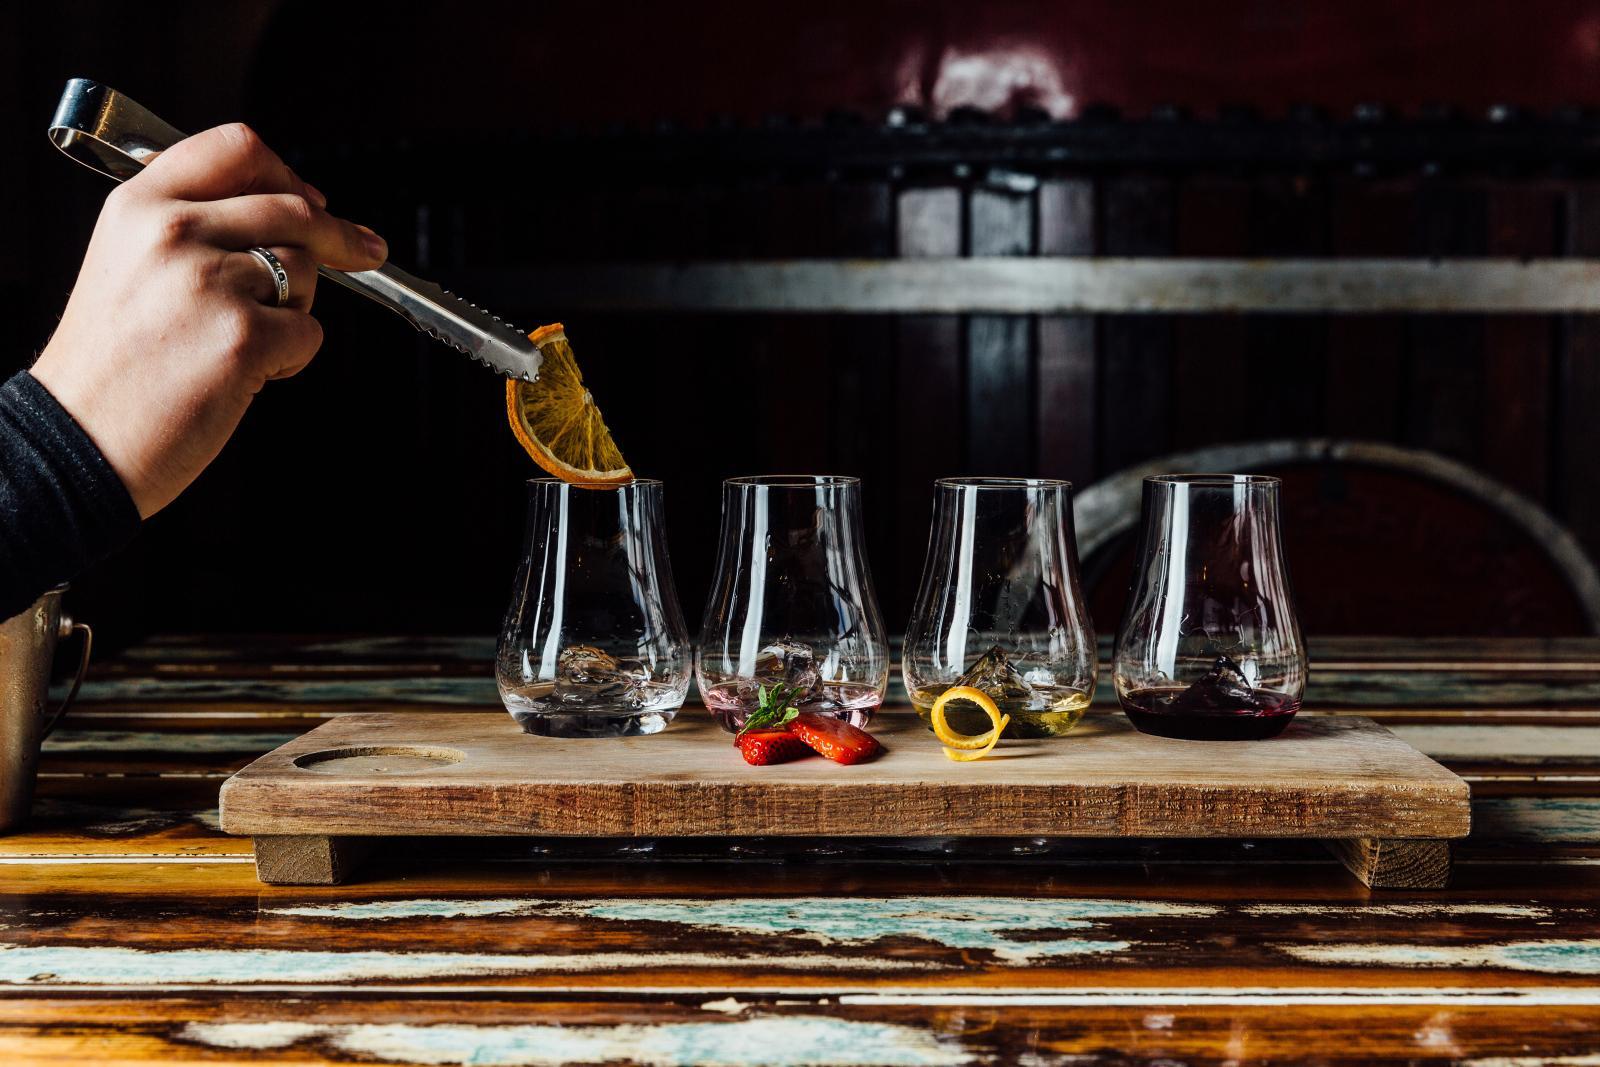 Barossa Distilling Company